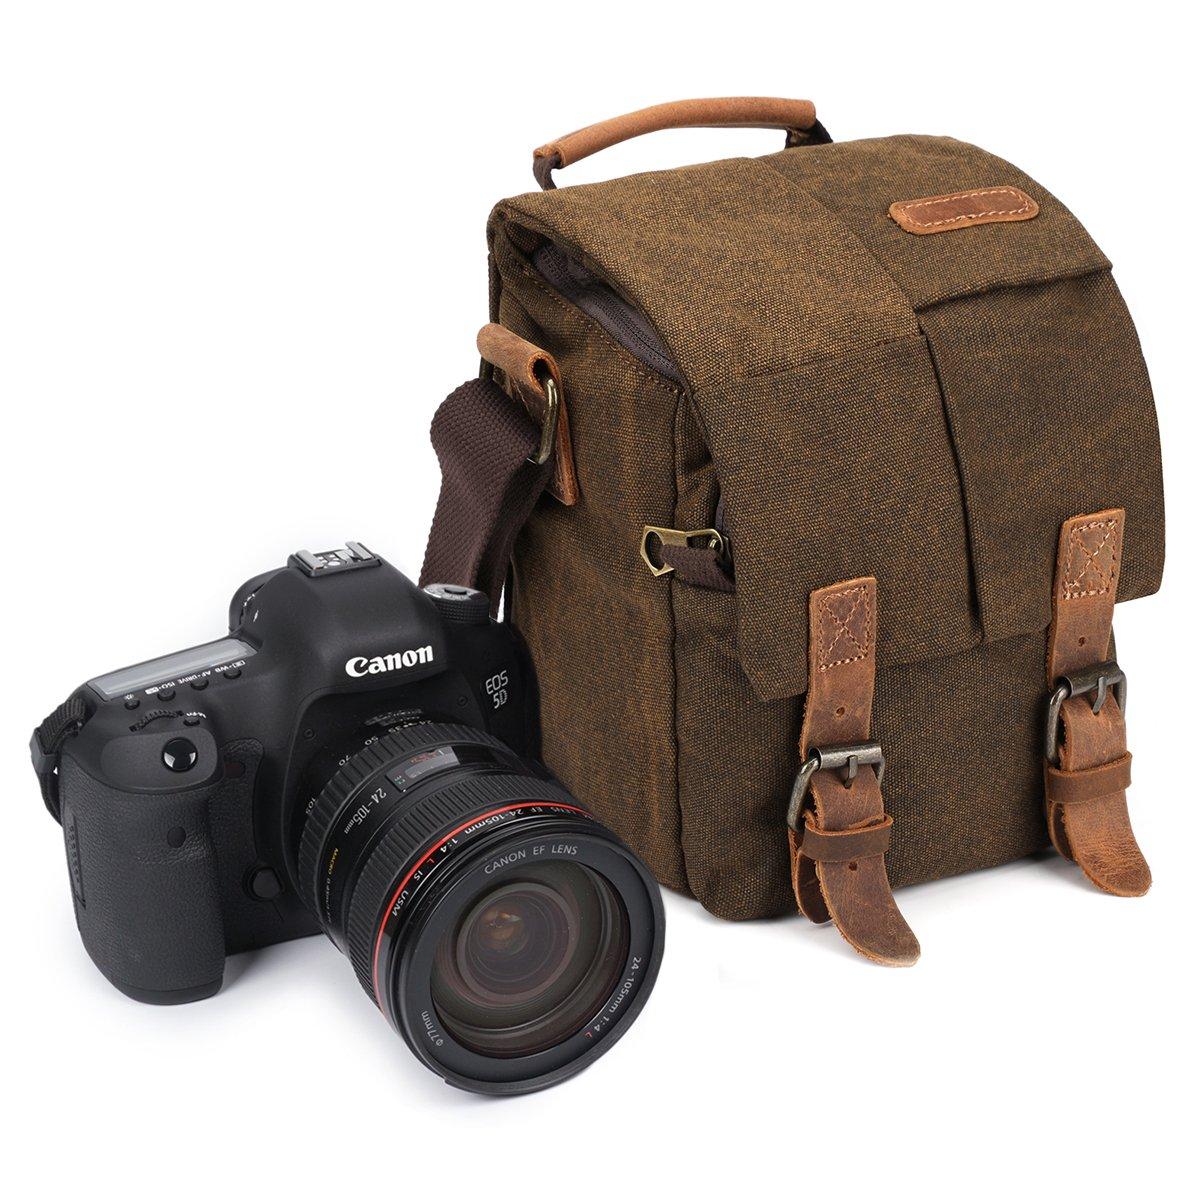 Samshows Vintage Waterproof Canvas Genuine Leather Trim DSLR SLR Shockproof Camera Shoulder Messenger Bag